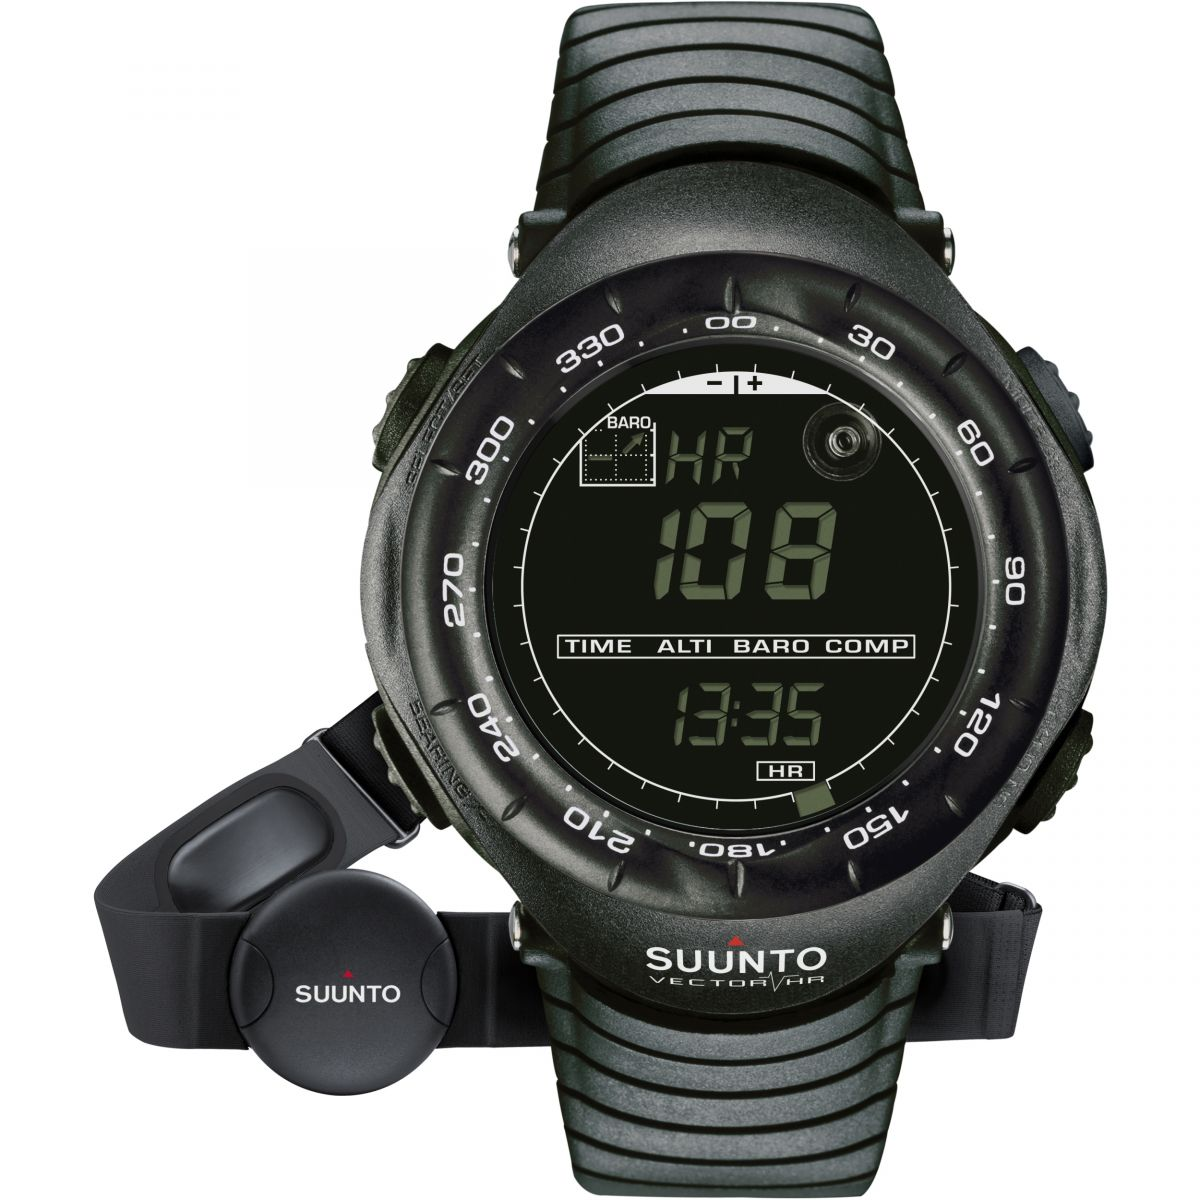 gents suunto vector hr black alarm chronograph watch ss015301000 rh watchshop com Suunto User Manual Suunto Watch Manual